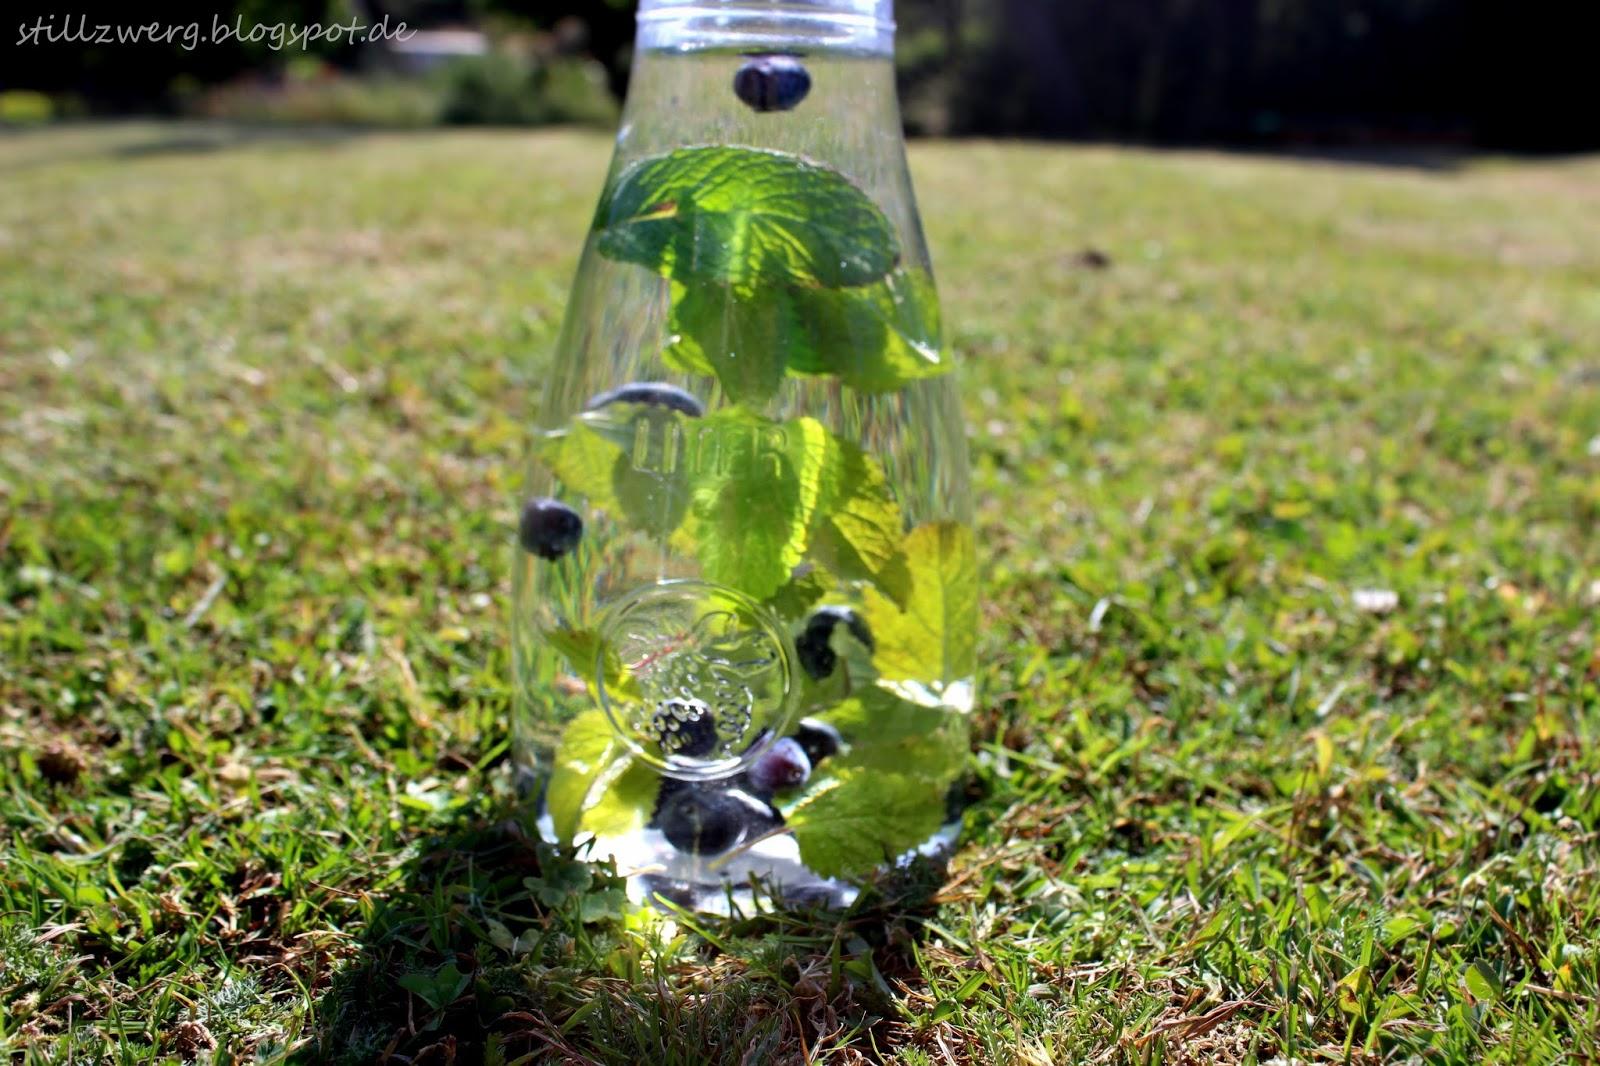 Der Stillzwerg : Sommer im Glas - 5 erfrischende Sommer Getränke